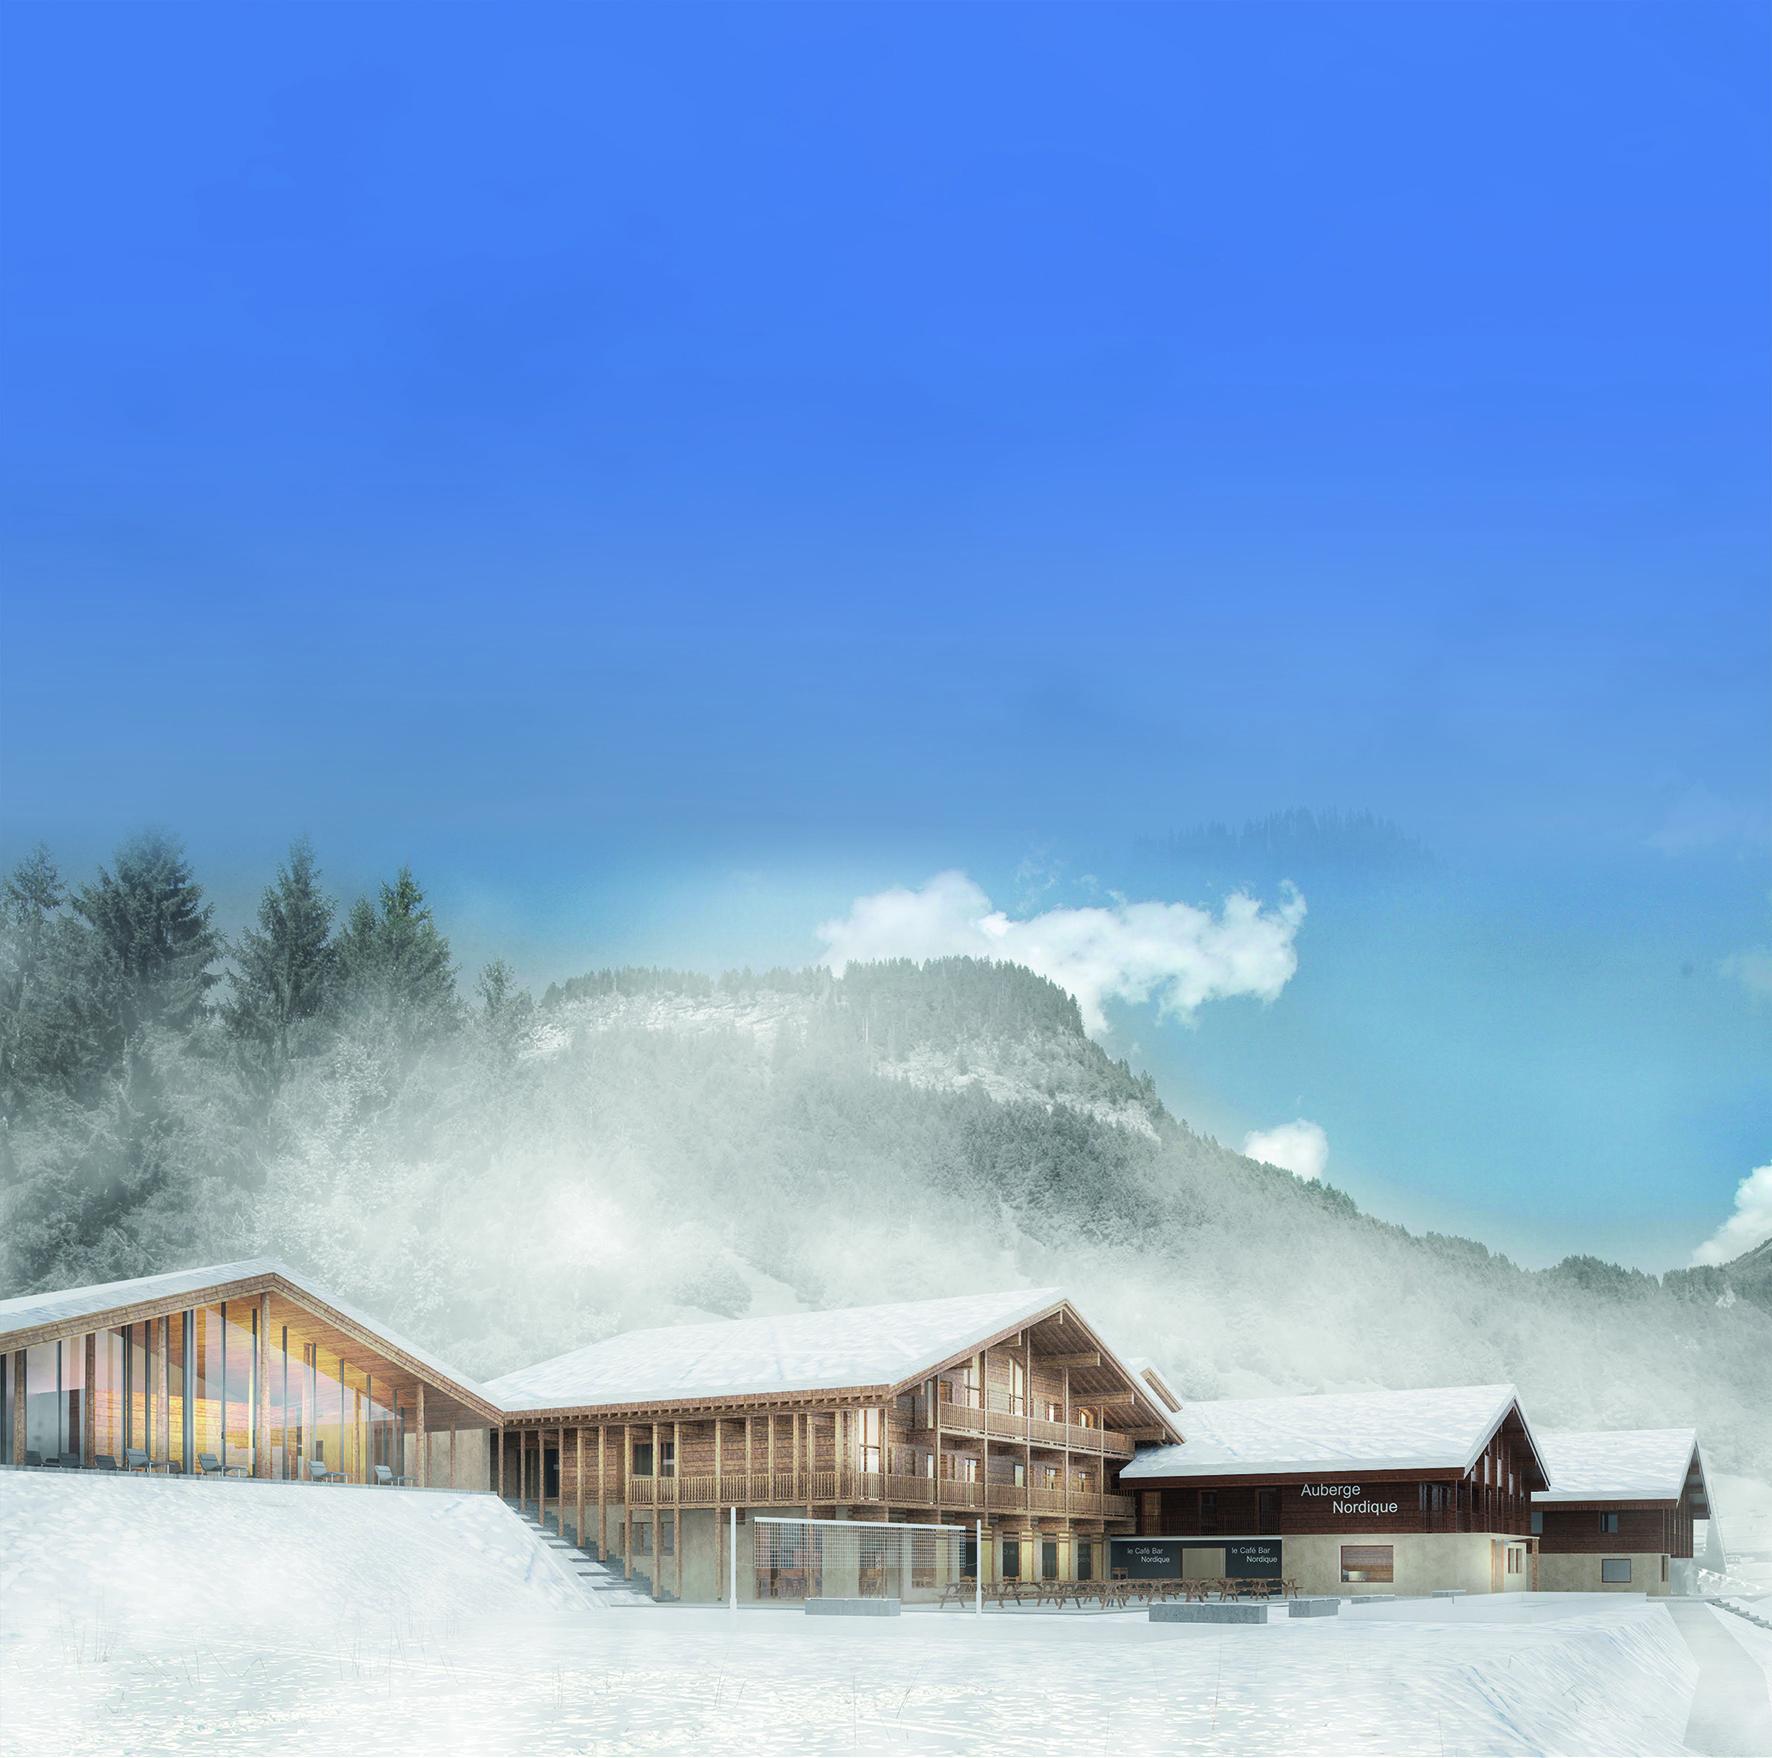 auberge-nordique-2-le-grand-bornand-pateyarchitectes-ete-201334